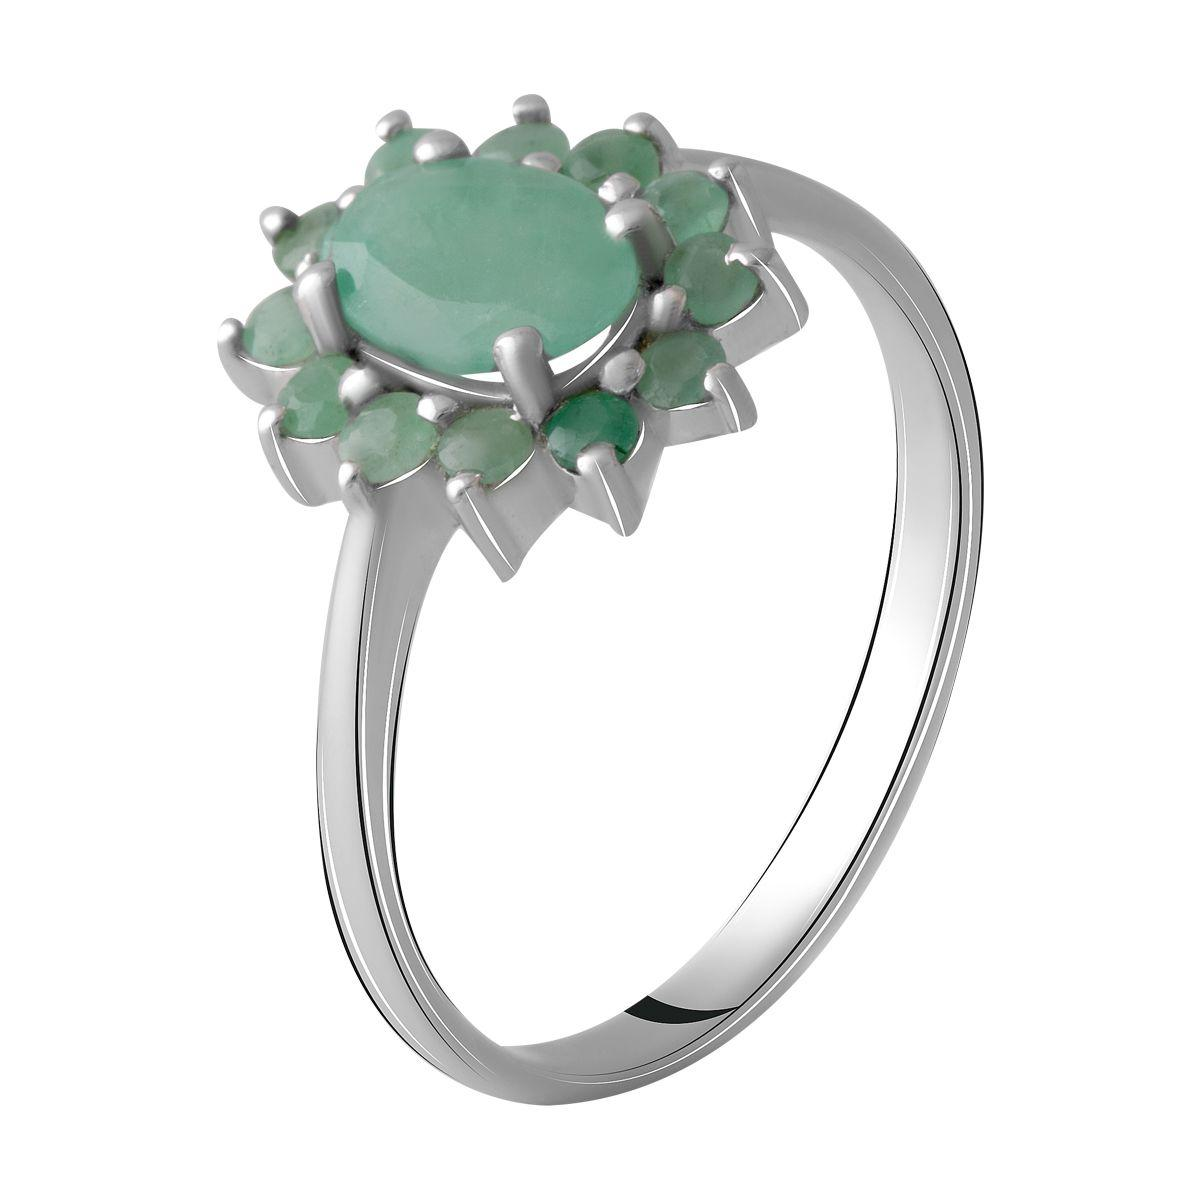 Серебряное кольцо DreamJewelry с натуральным изумрудом 1.123ct (1964804) 18 размер